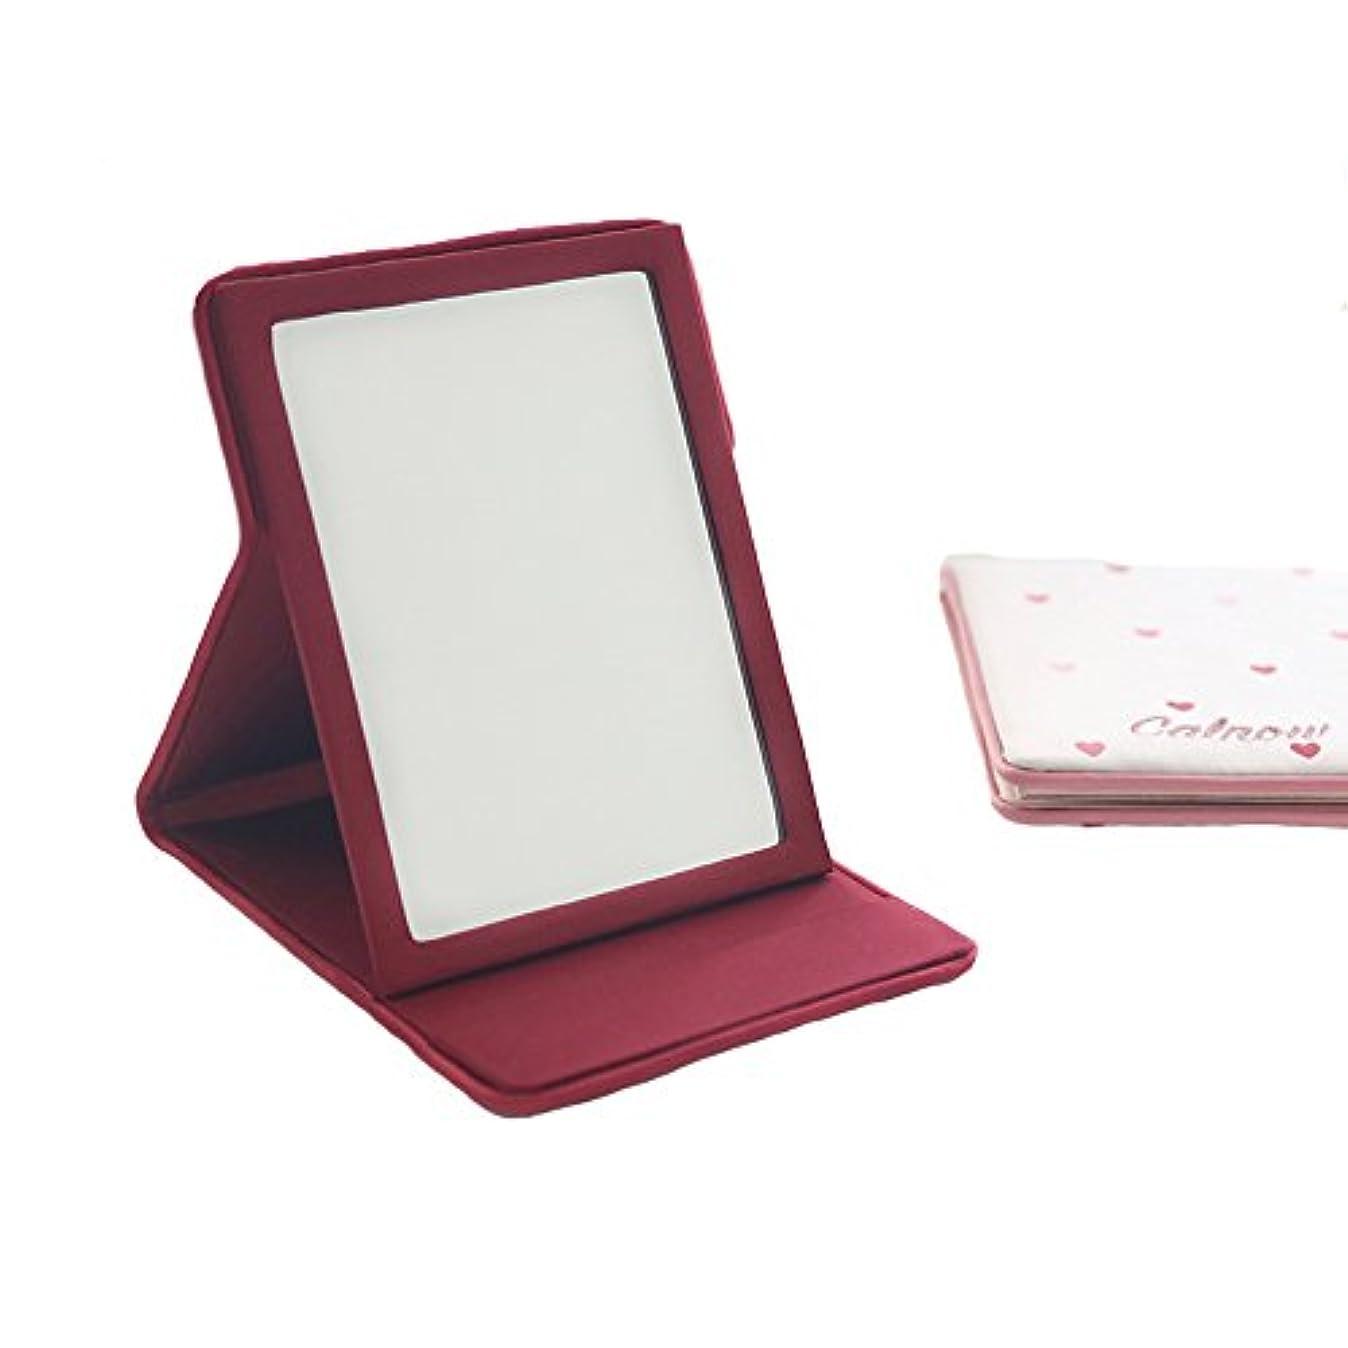 小石フック十MYOMYO化粧鏡 卓上ミラー 卓上スタンドミラー 折りたたみミラー 旅行鏡 旅行適用 (ピンク)